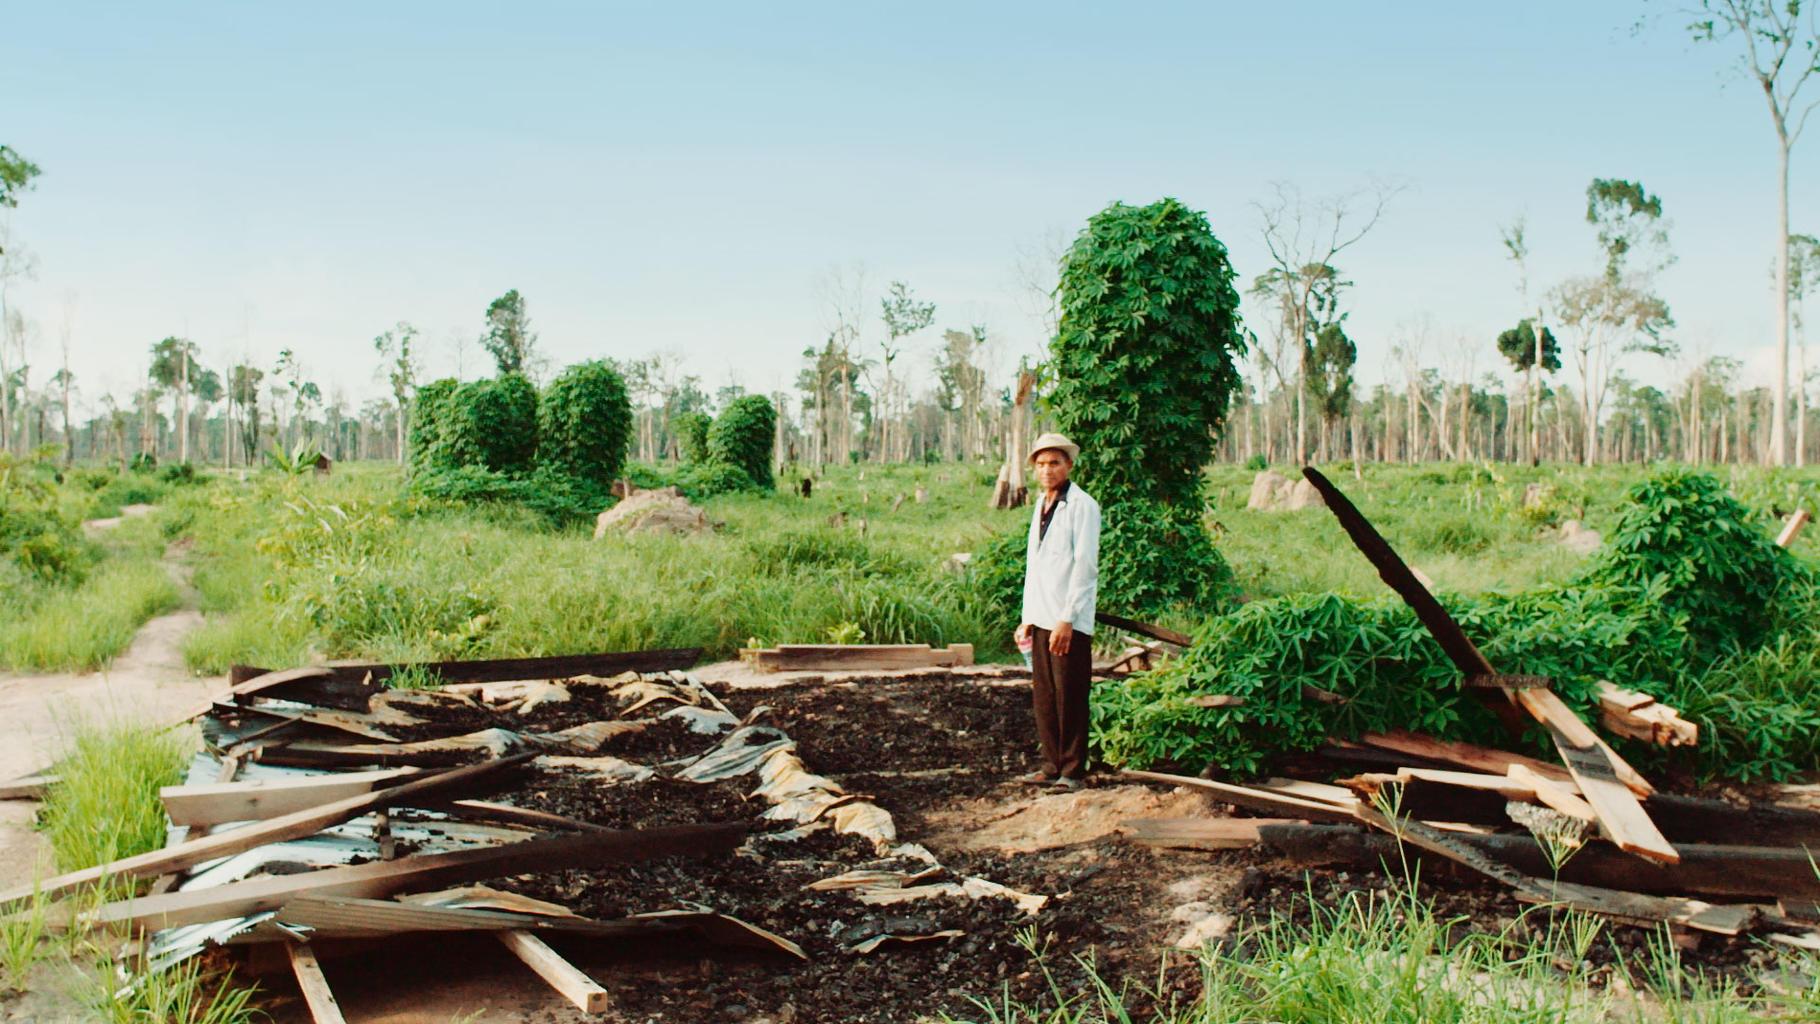 Ein vom Landraub Betroffener auf den Trümmern seines zerstörten Hauses.